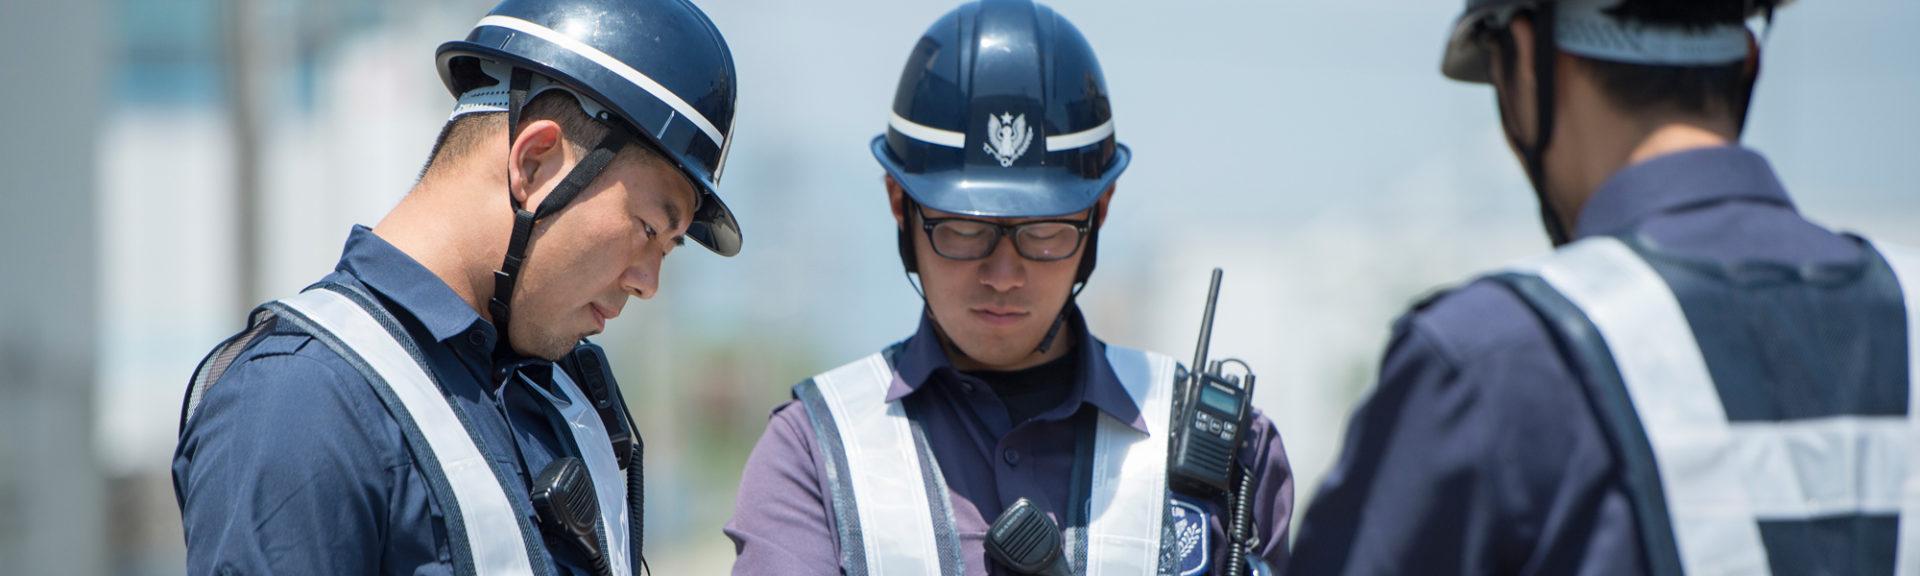 三重県松阪市の警備会社、株式会社みどり警備保障の会社概要